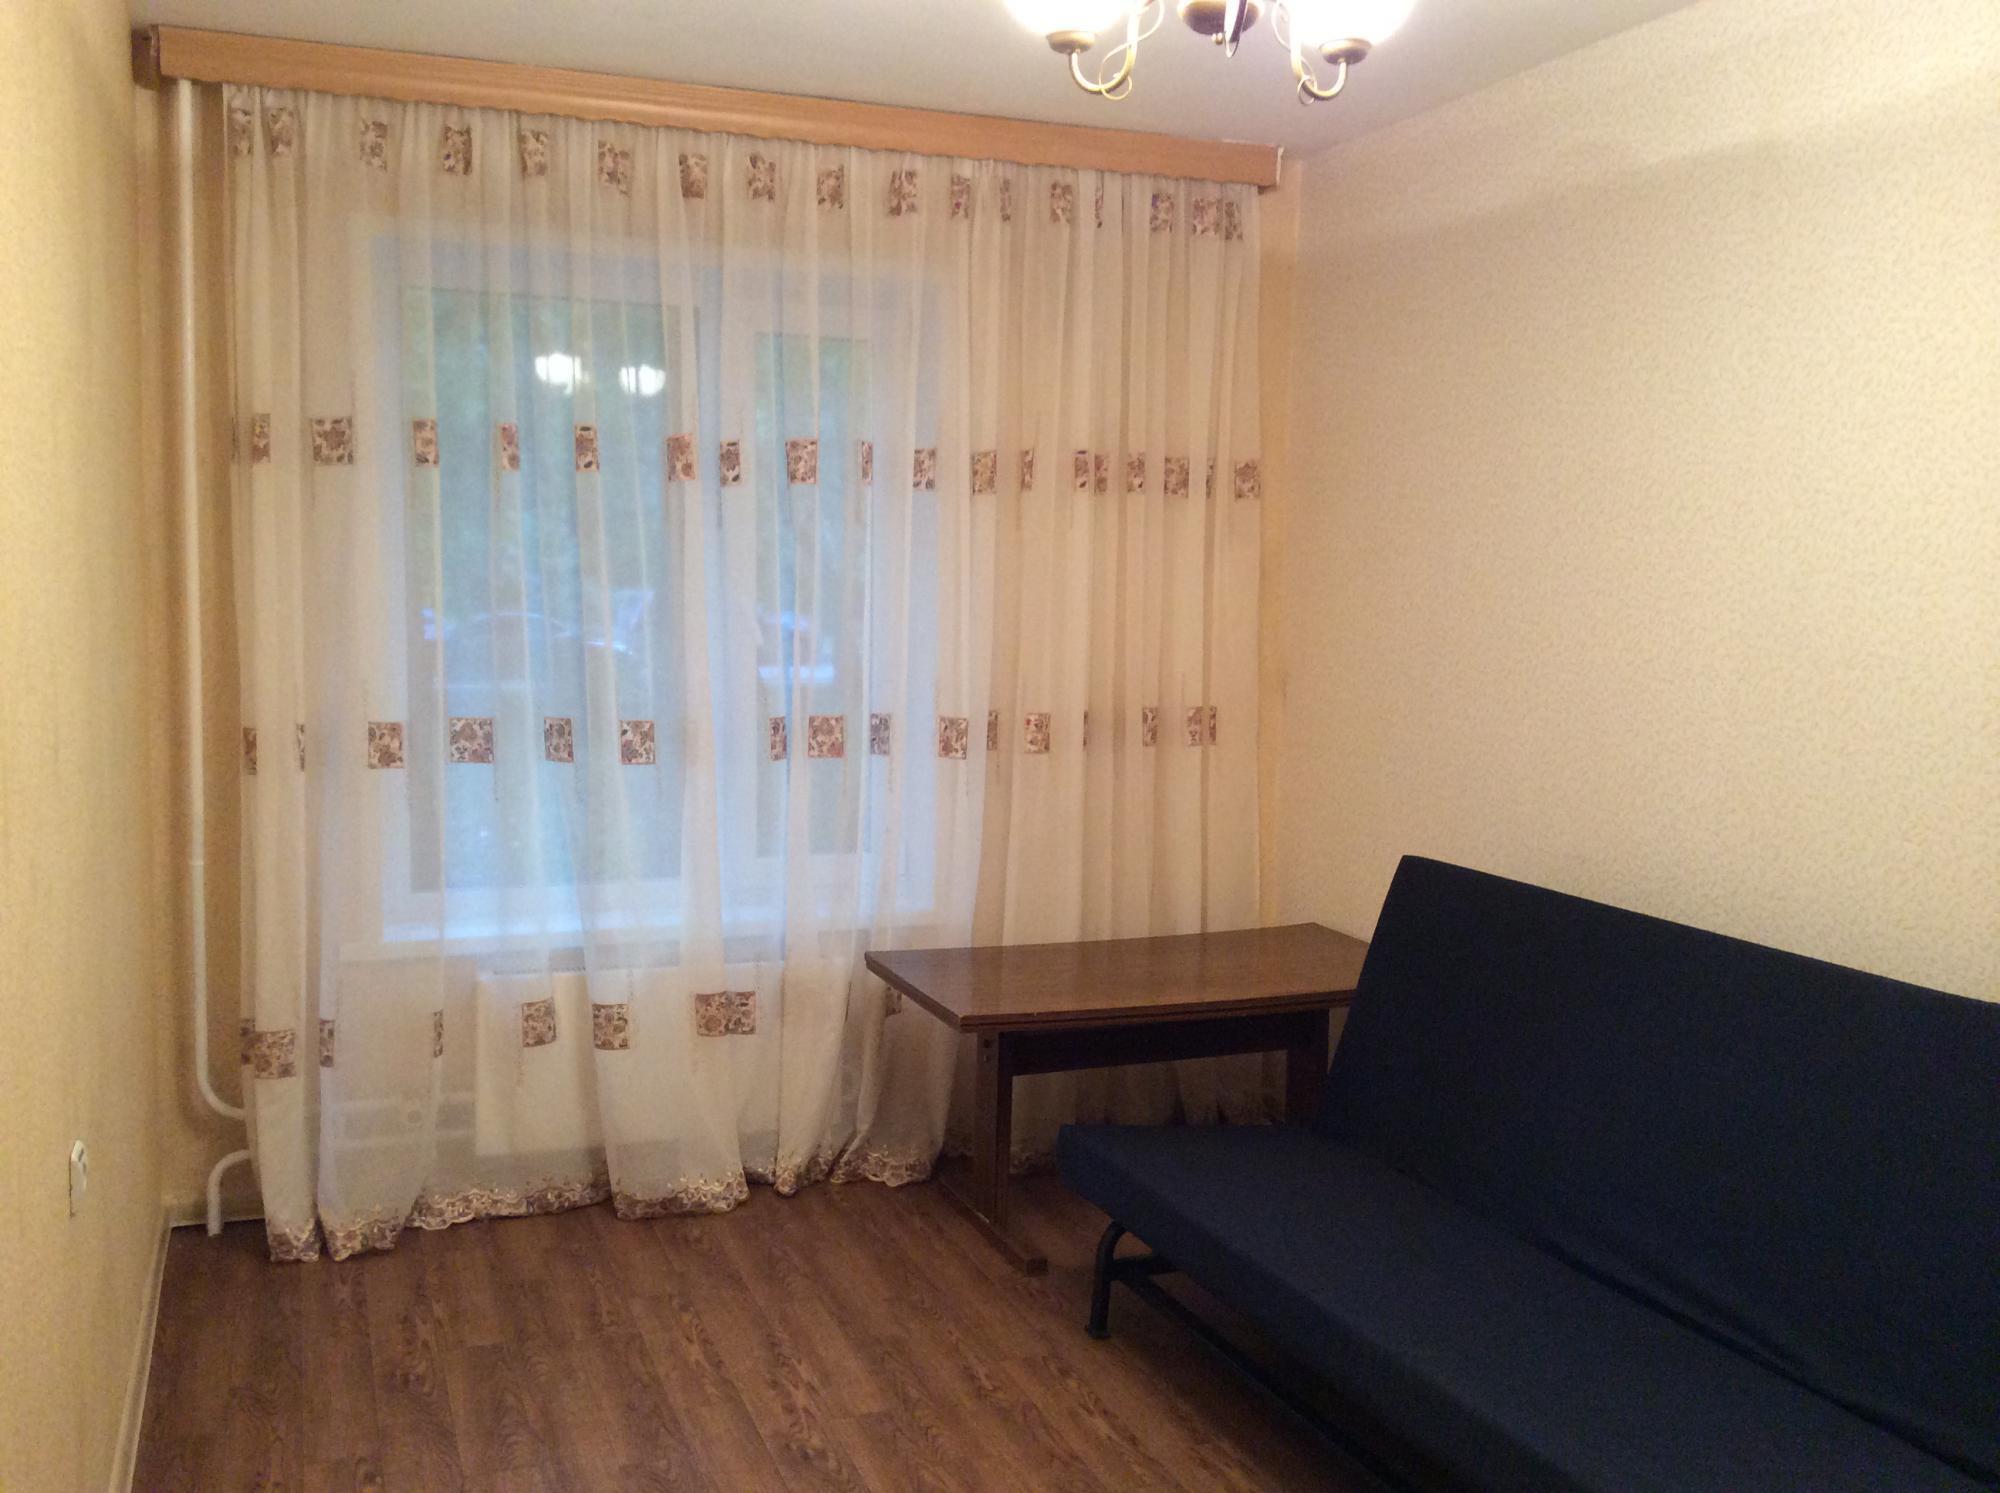 Комната 12 кв. м. в 3-х к. кв. м.Щукинская, ул.М.Василевского, 5к2, 2300000 руб.